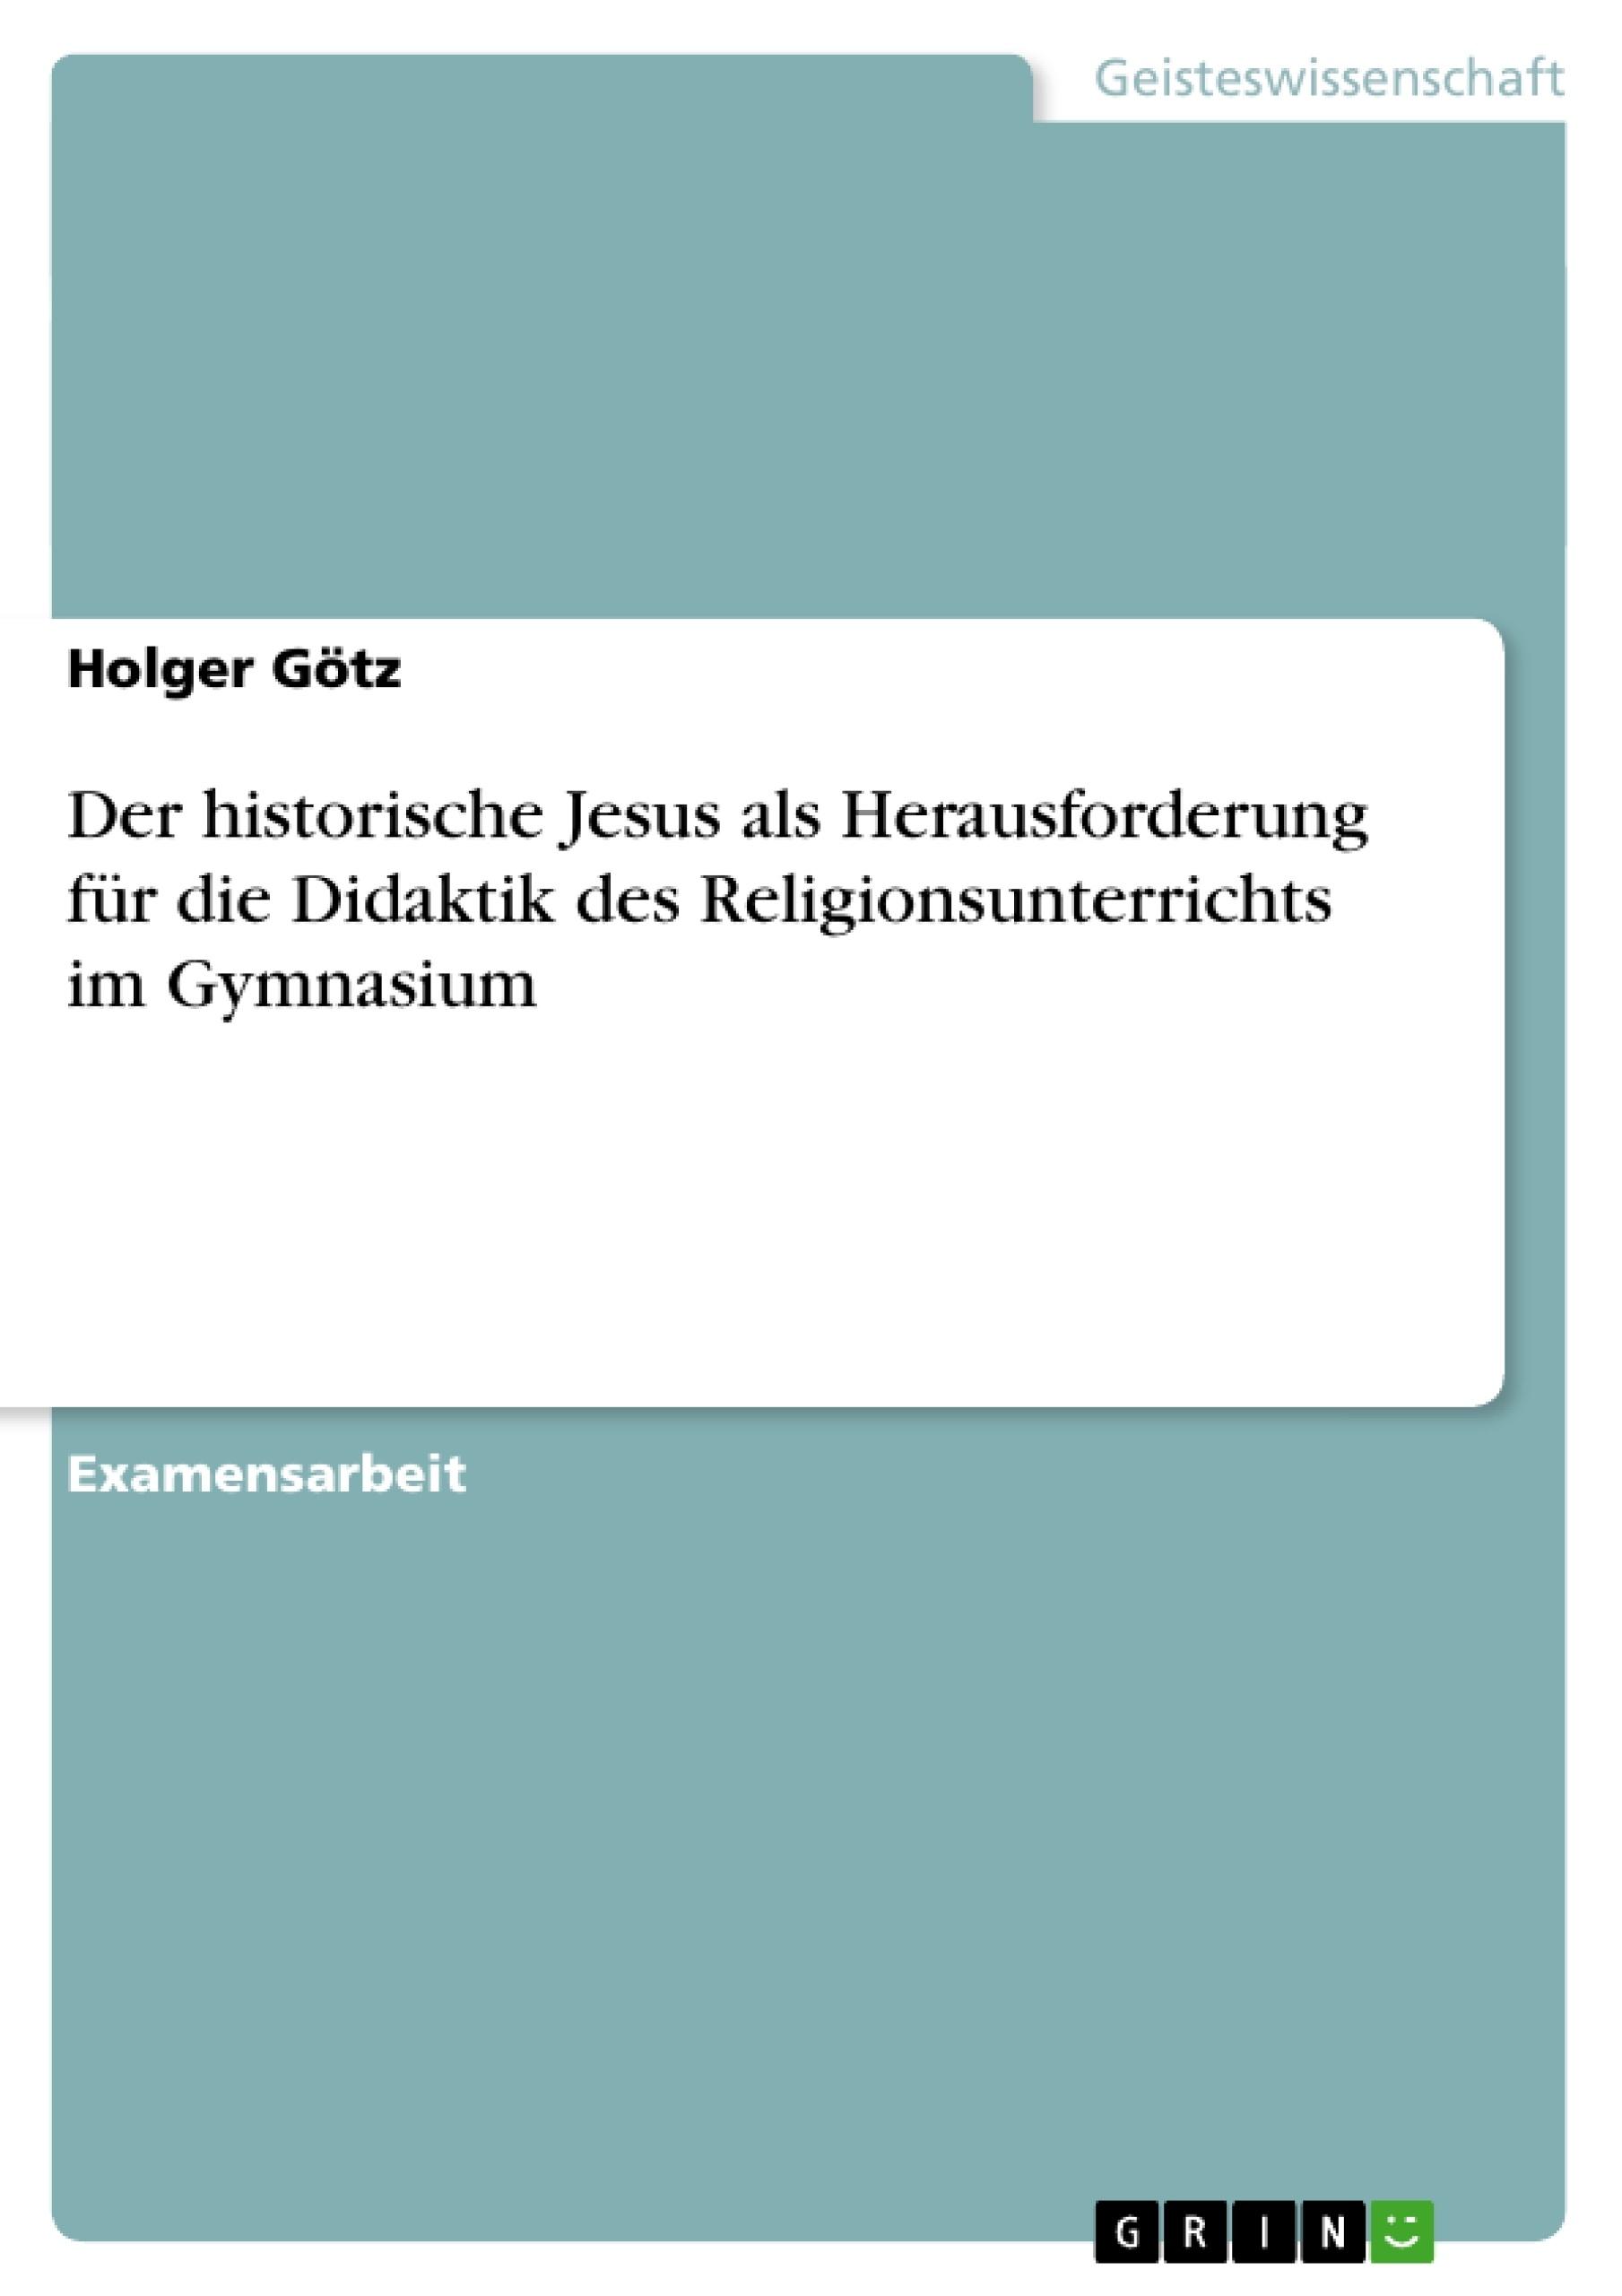 Titel: Der historische Jesus als Herausforderung für die Didaktik des Religionsunterrichts im Gymnasium